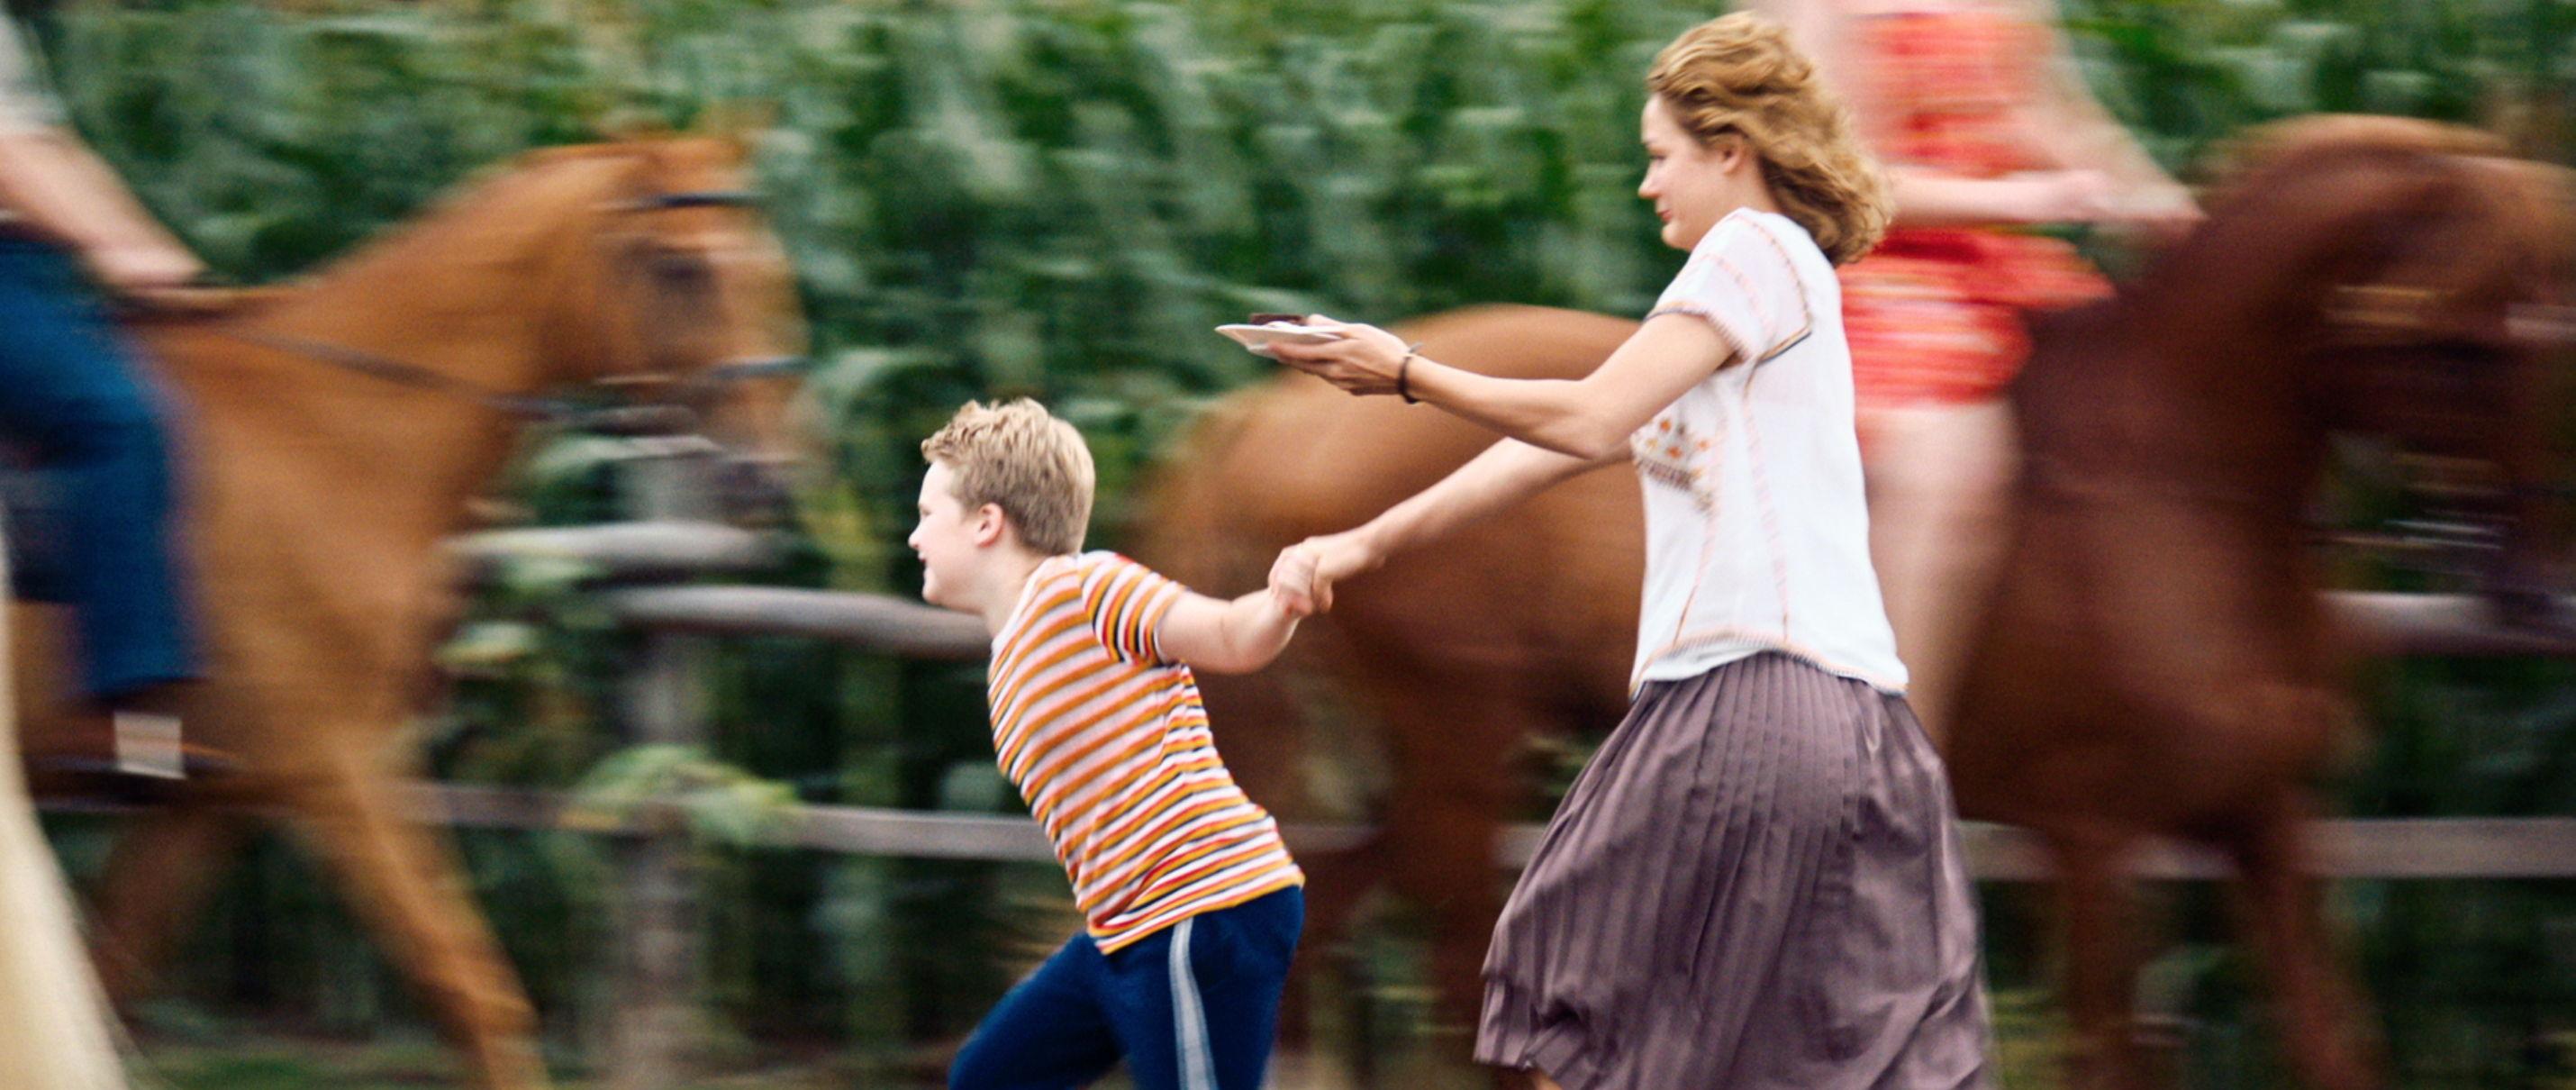 Der Junge muss an die frische Luft - all about me - Hape (Julius Weckauf) und seine Mama Margret (Luise Heyer) - Regie Caroline Link - Kamera Judith Kaufmann